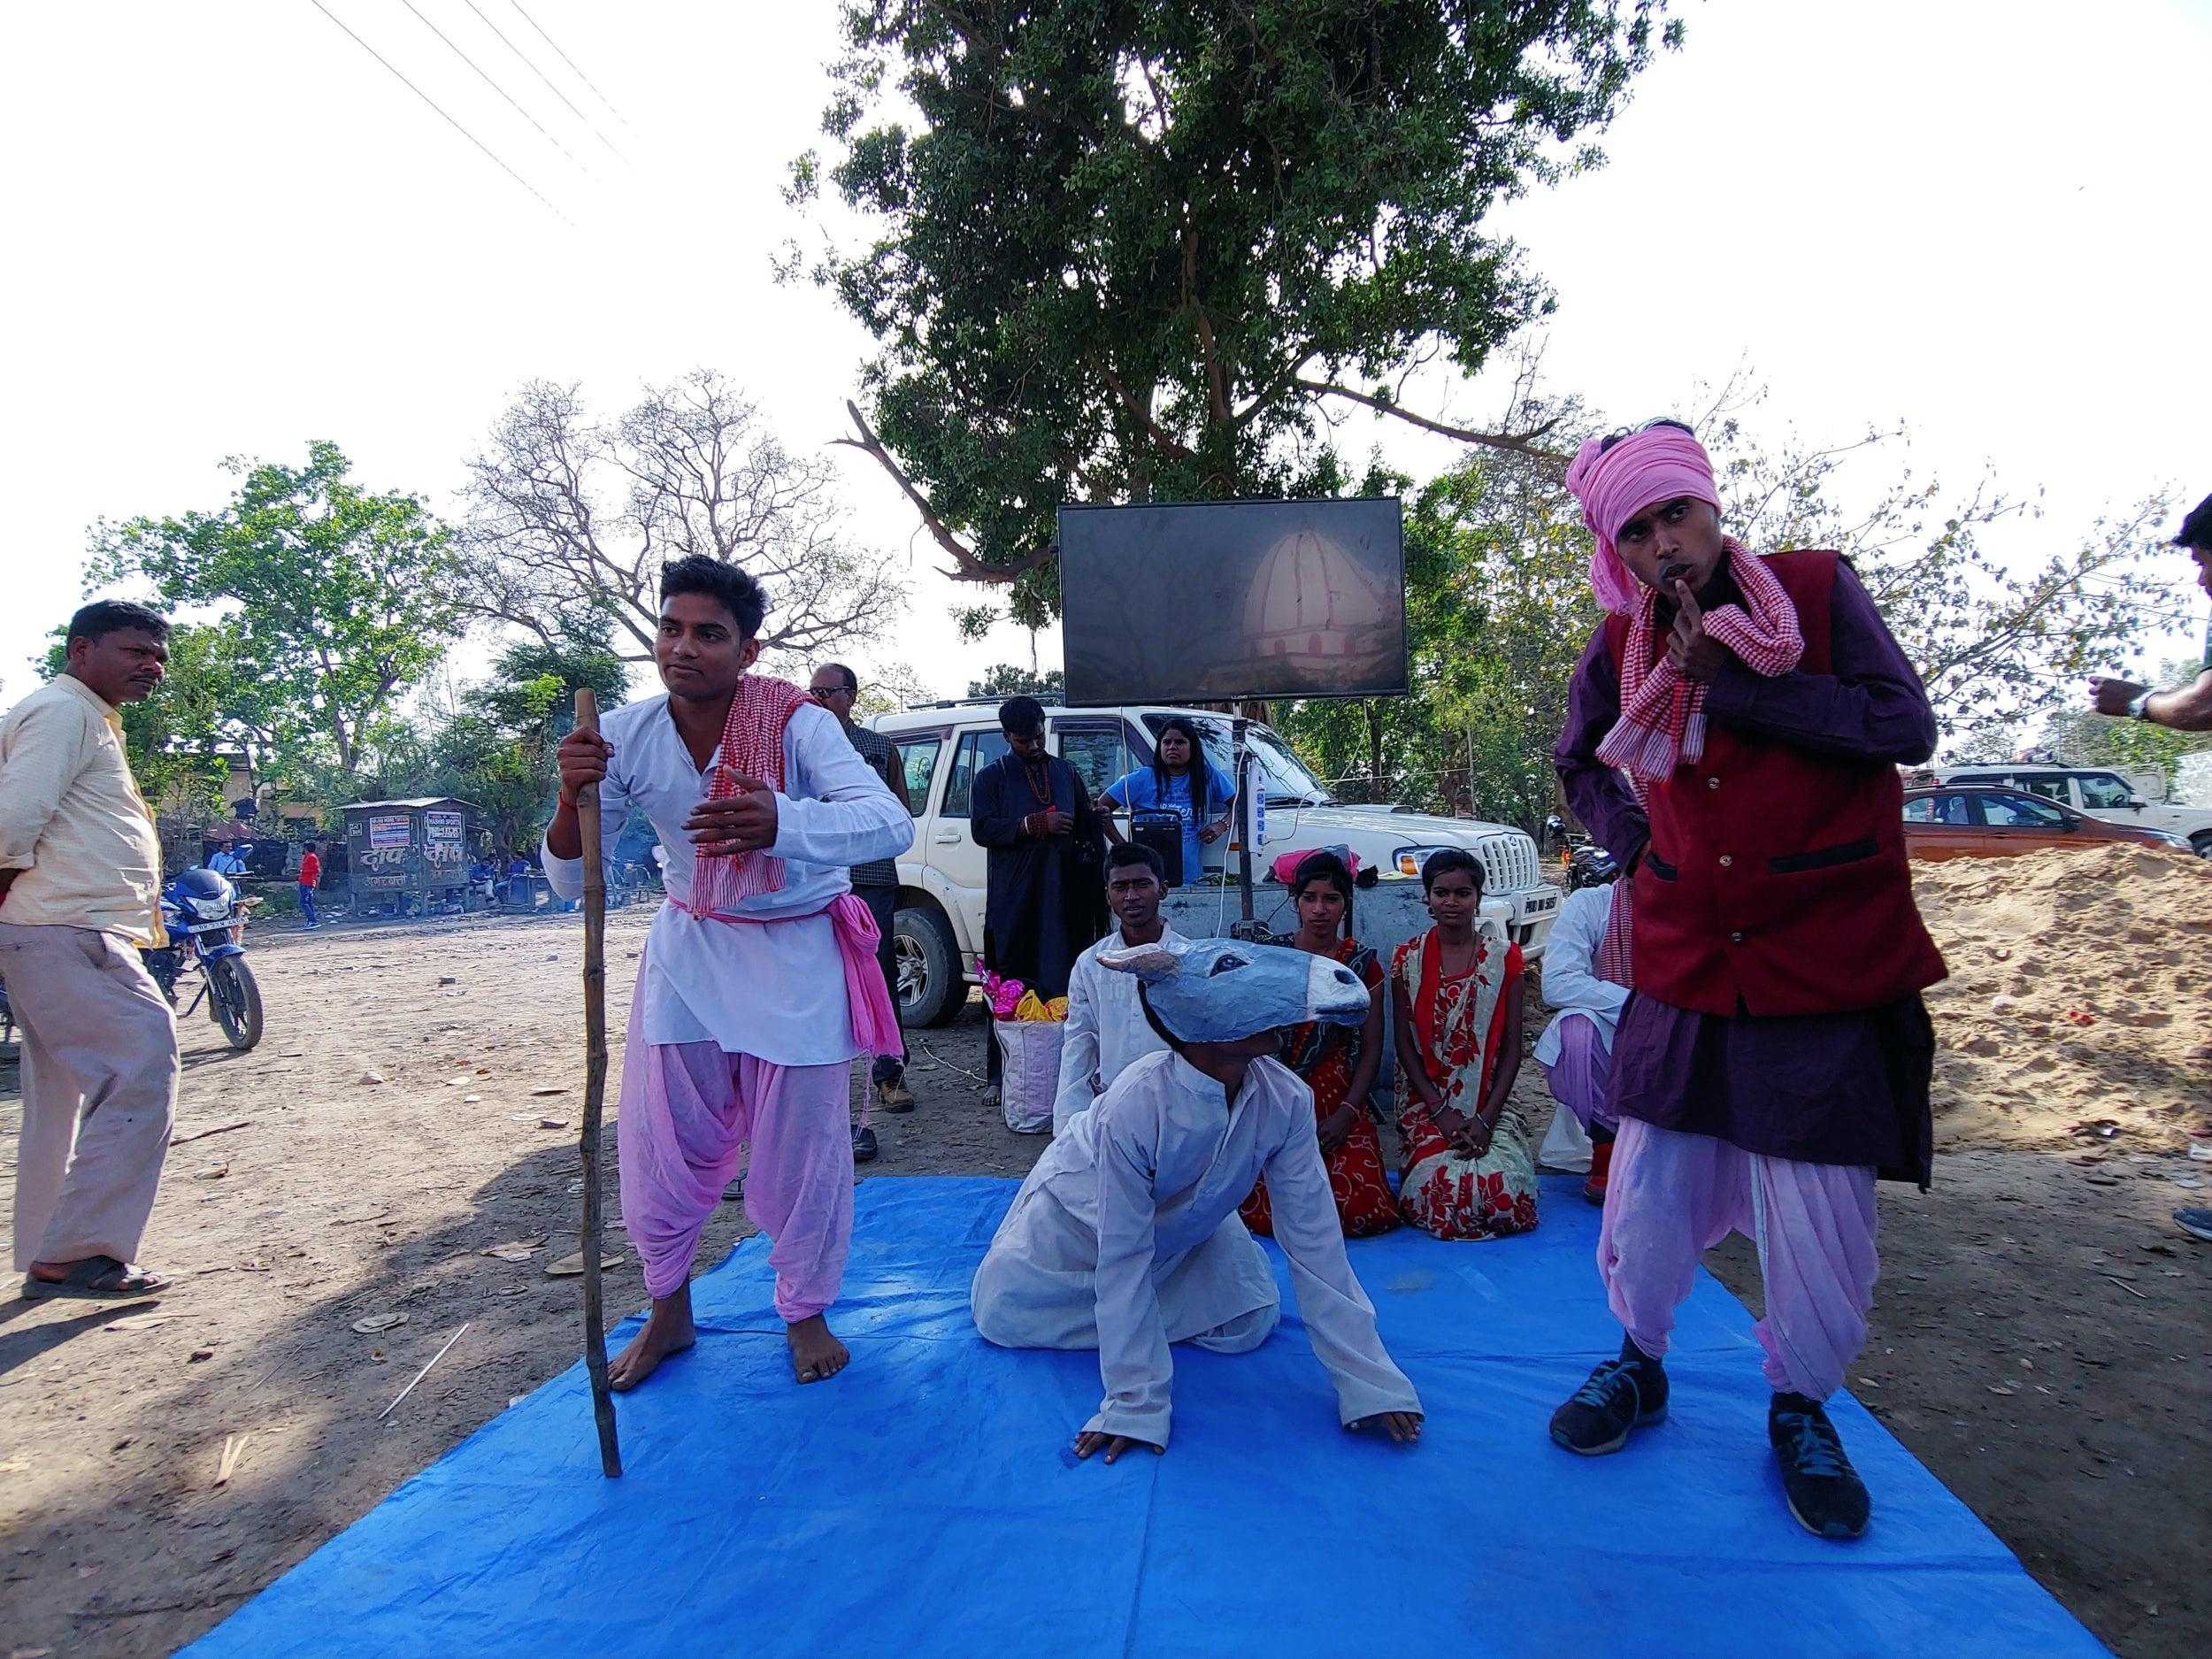 Street theatre against Gadhimai sacrifice